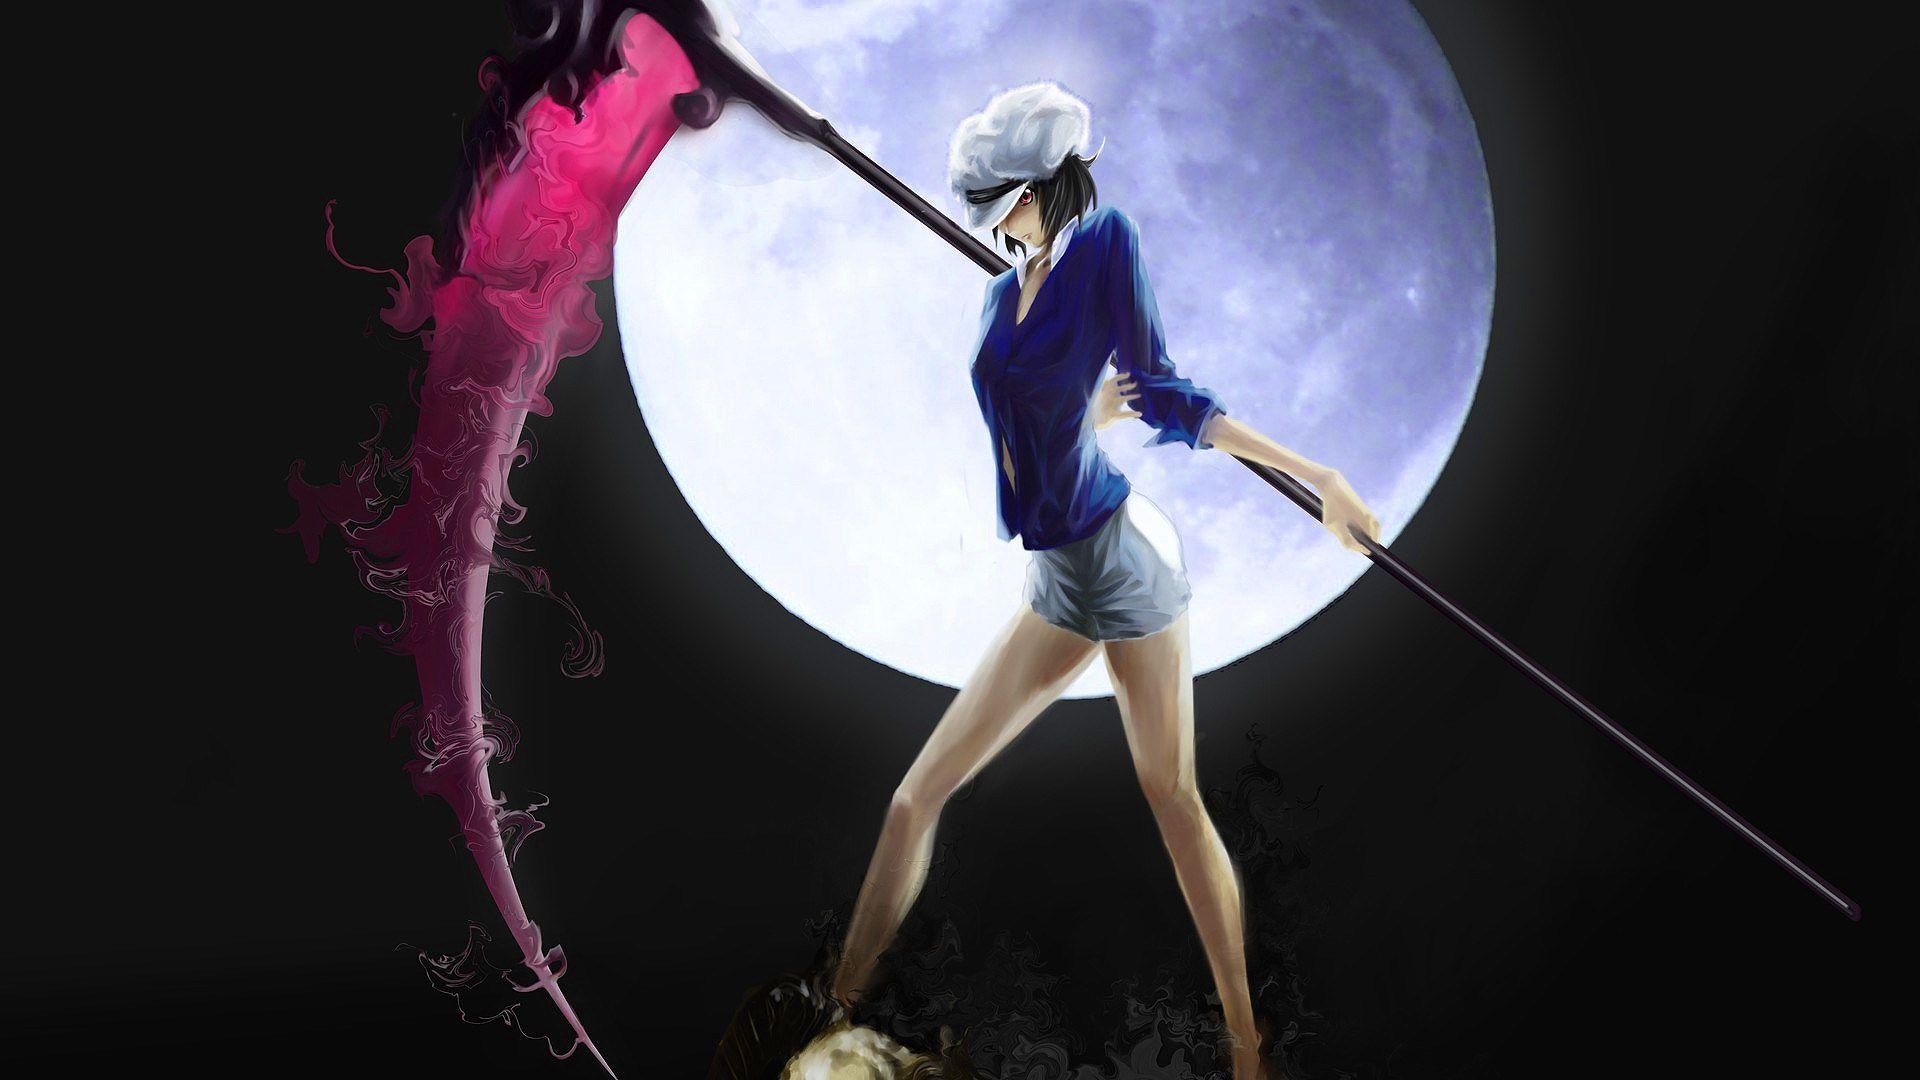 Anime girl wallpaper hd pack